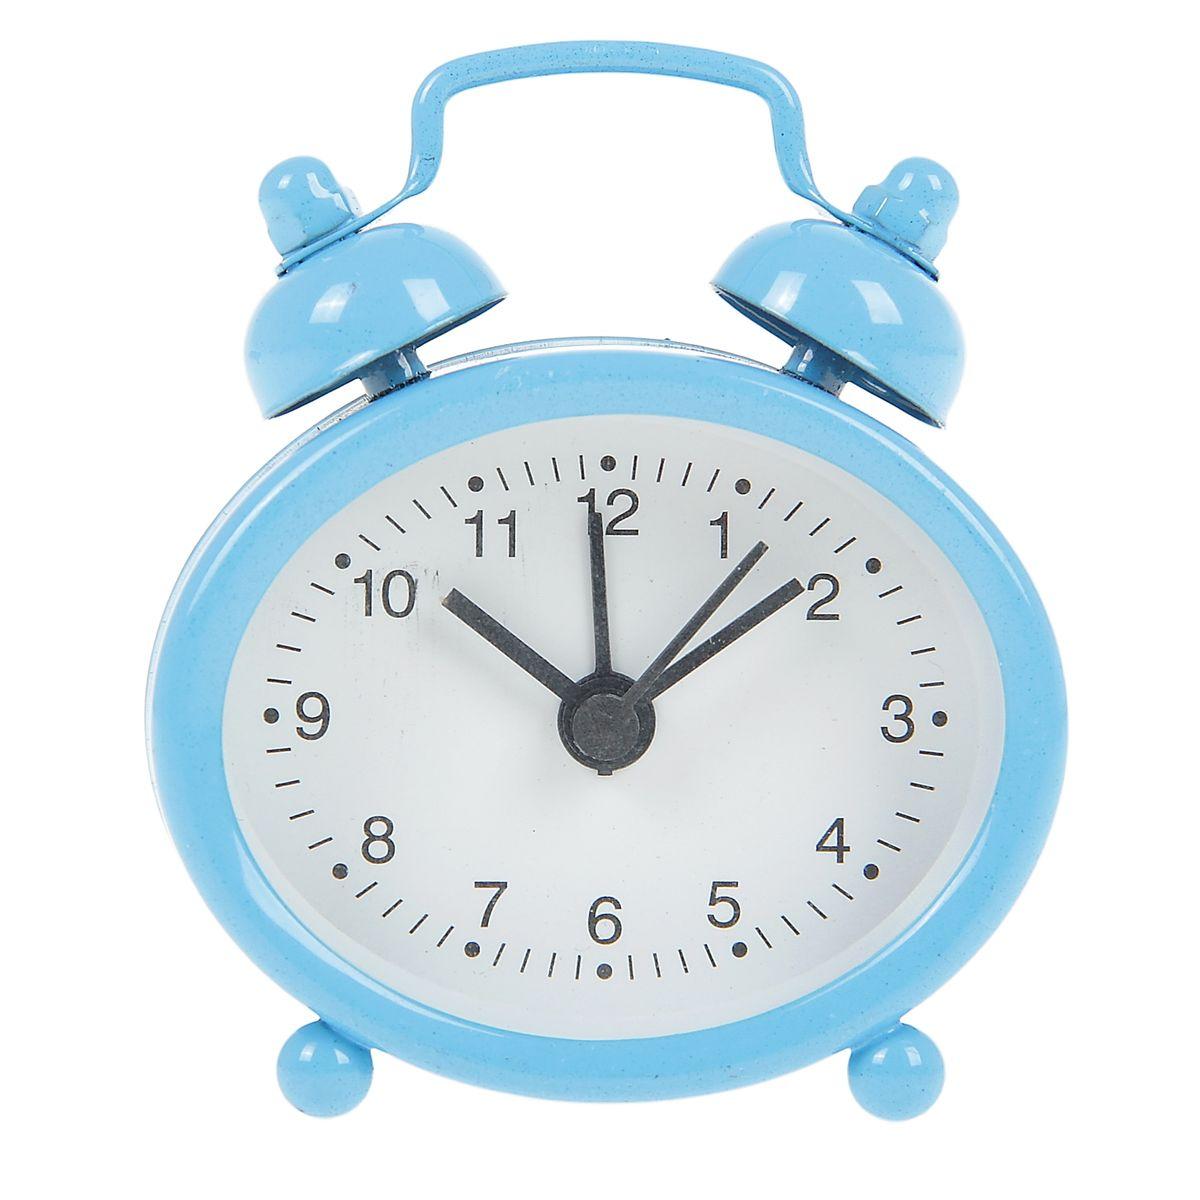 Часы-будильник Sima-land, цвет: голубой. 840947VT-6606(BK)Как же сложно иногда вставать вовремя! Всегда так хочется поспать еще хотя бы 5 минут и бывает, что мы просыпаем. Теперь этого не случится! Яркий, оригинальный будильник Sima-land поможет вам всегда вставать в нужное время и успевать везде и всюду. Будильник украсит вашу комнату и приведет в восхищение друзей. Эта уменьшенная версия привычного будильника умещается на ладони и работает так же громко, как и привычные аналоги. Время показывает точно и будит в установленный час.На задней панели будильника расположены переключатель включения/выключения механизма, а также два колесика для настройки текущего времени и времени звонка будильника.Будильник работает от 1 батарейки типа LR44 (входит в комплект).